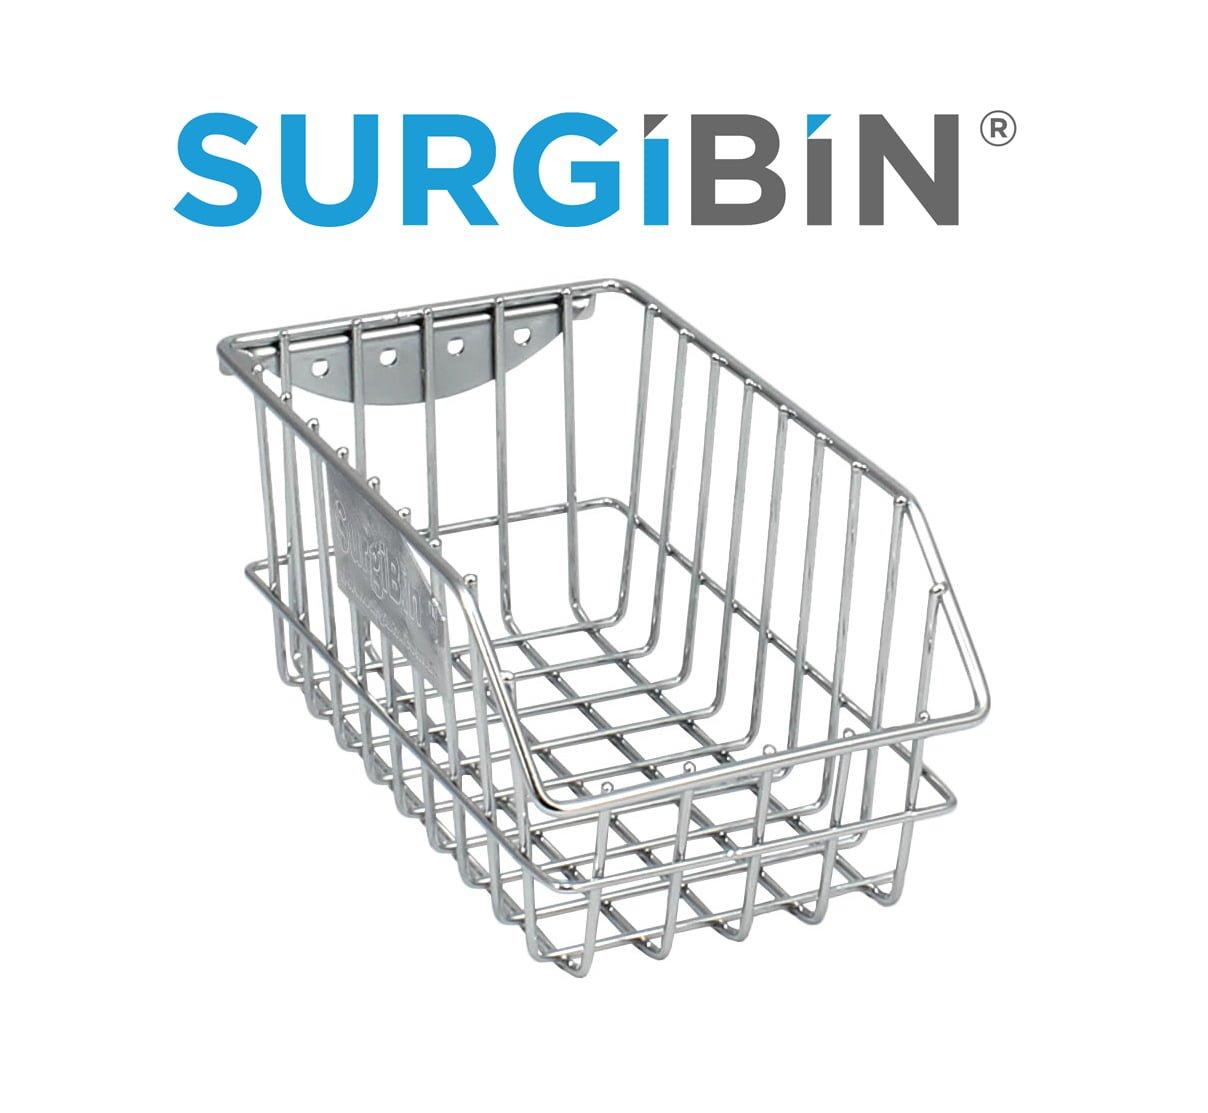 SURGIBIN®